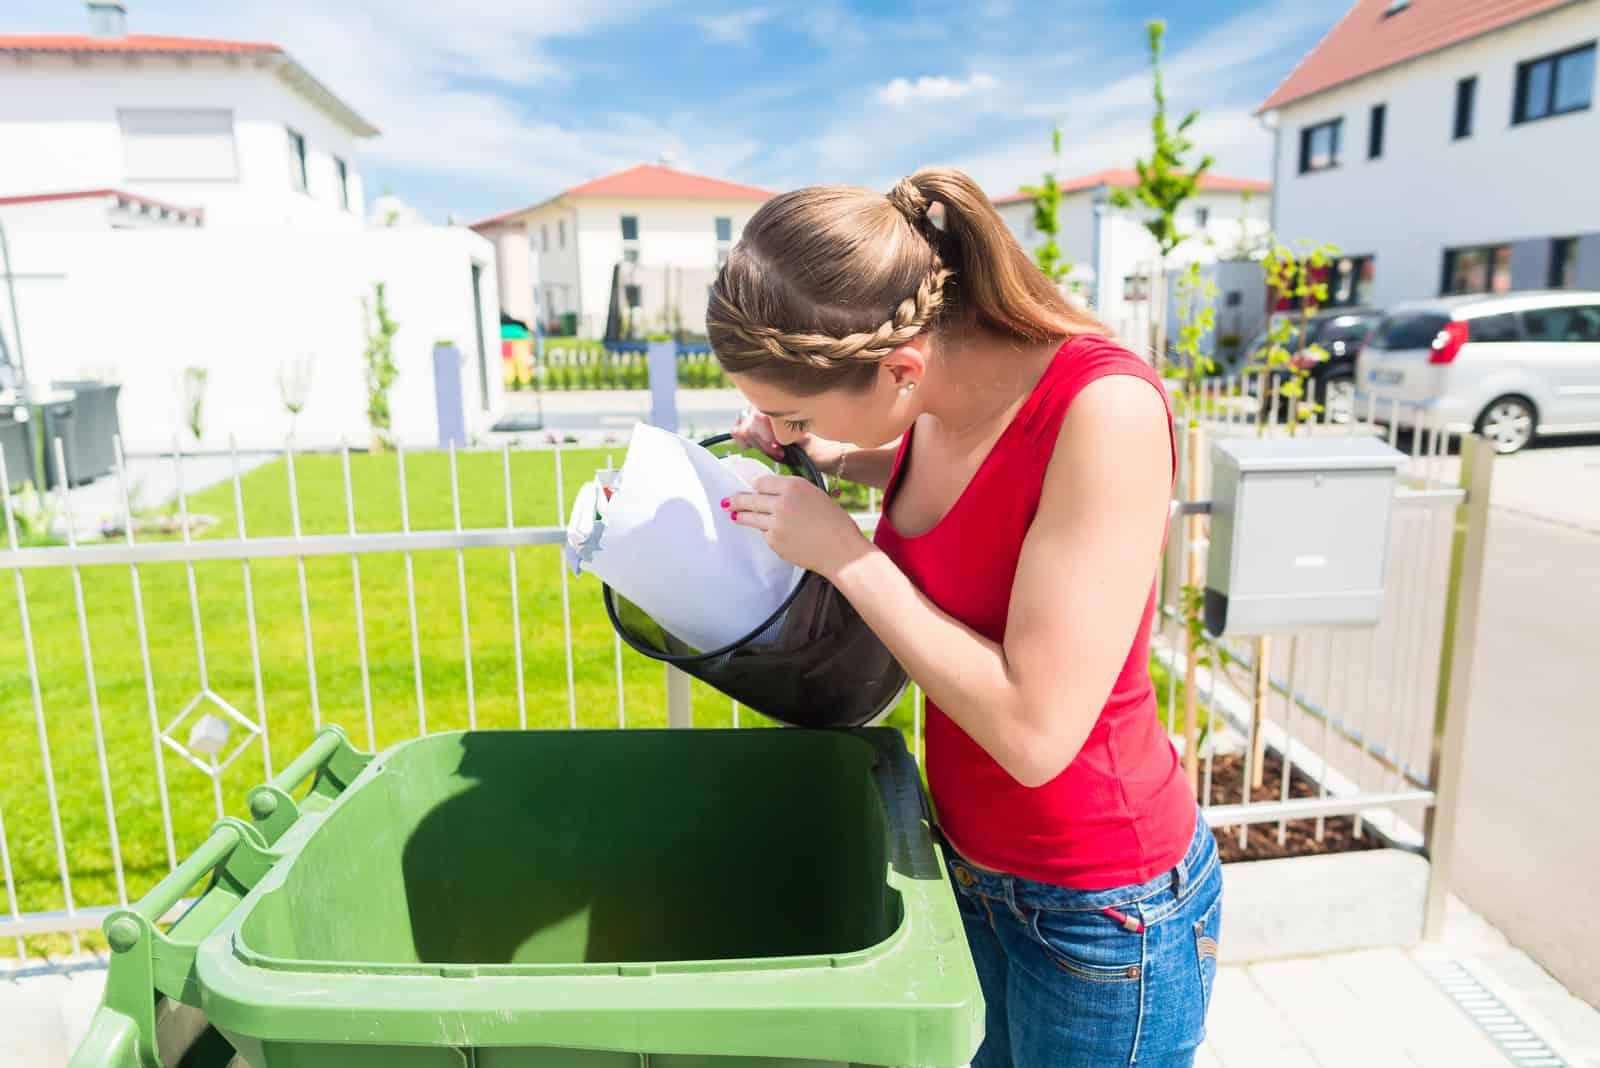 une femme aux cheveux attachés jette des ordures